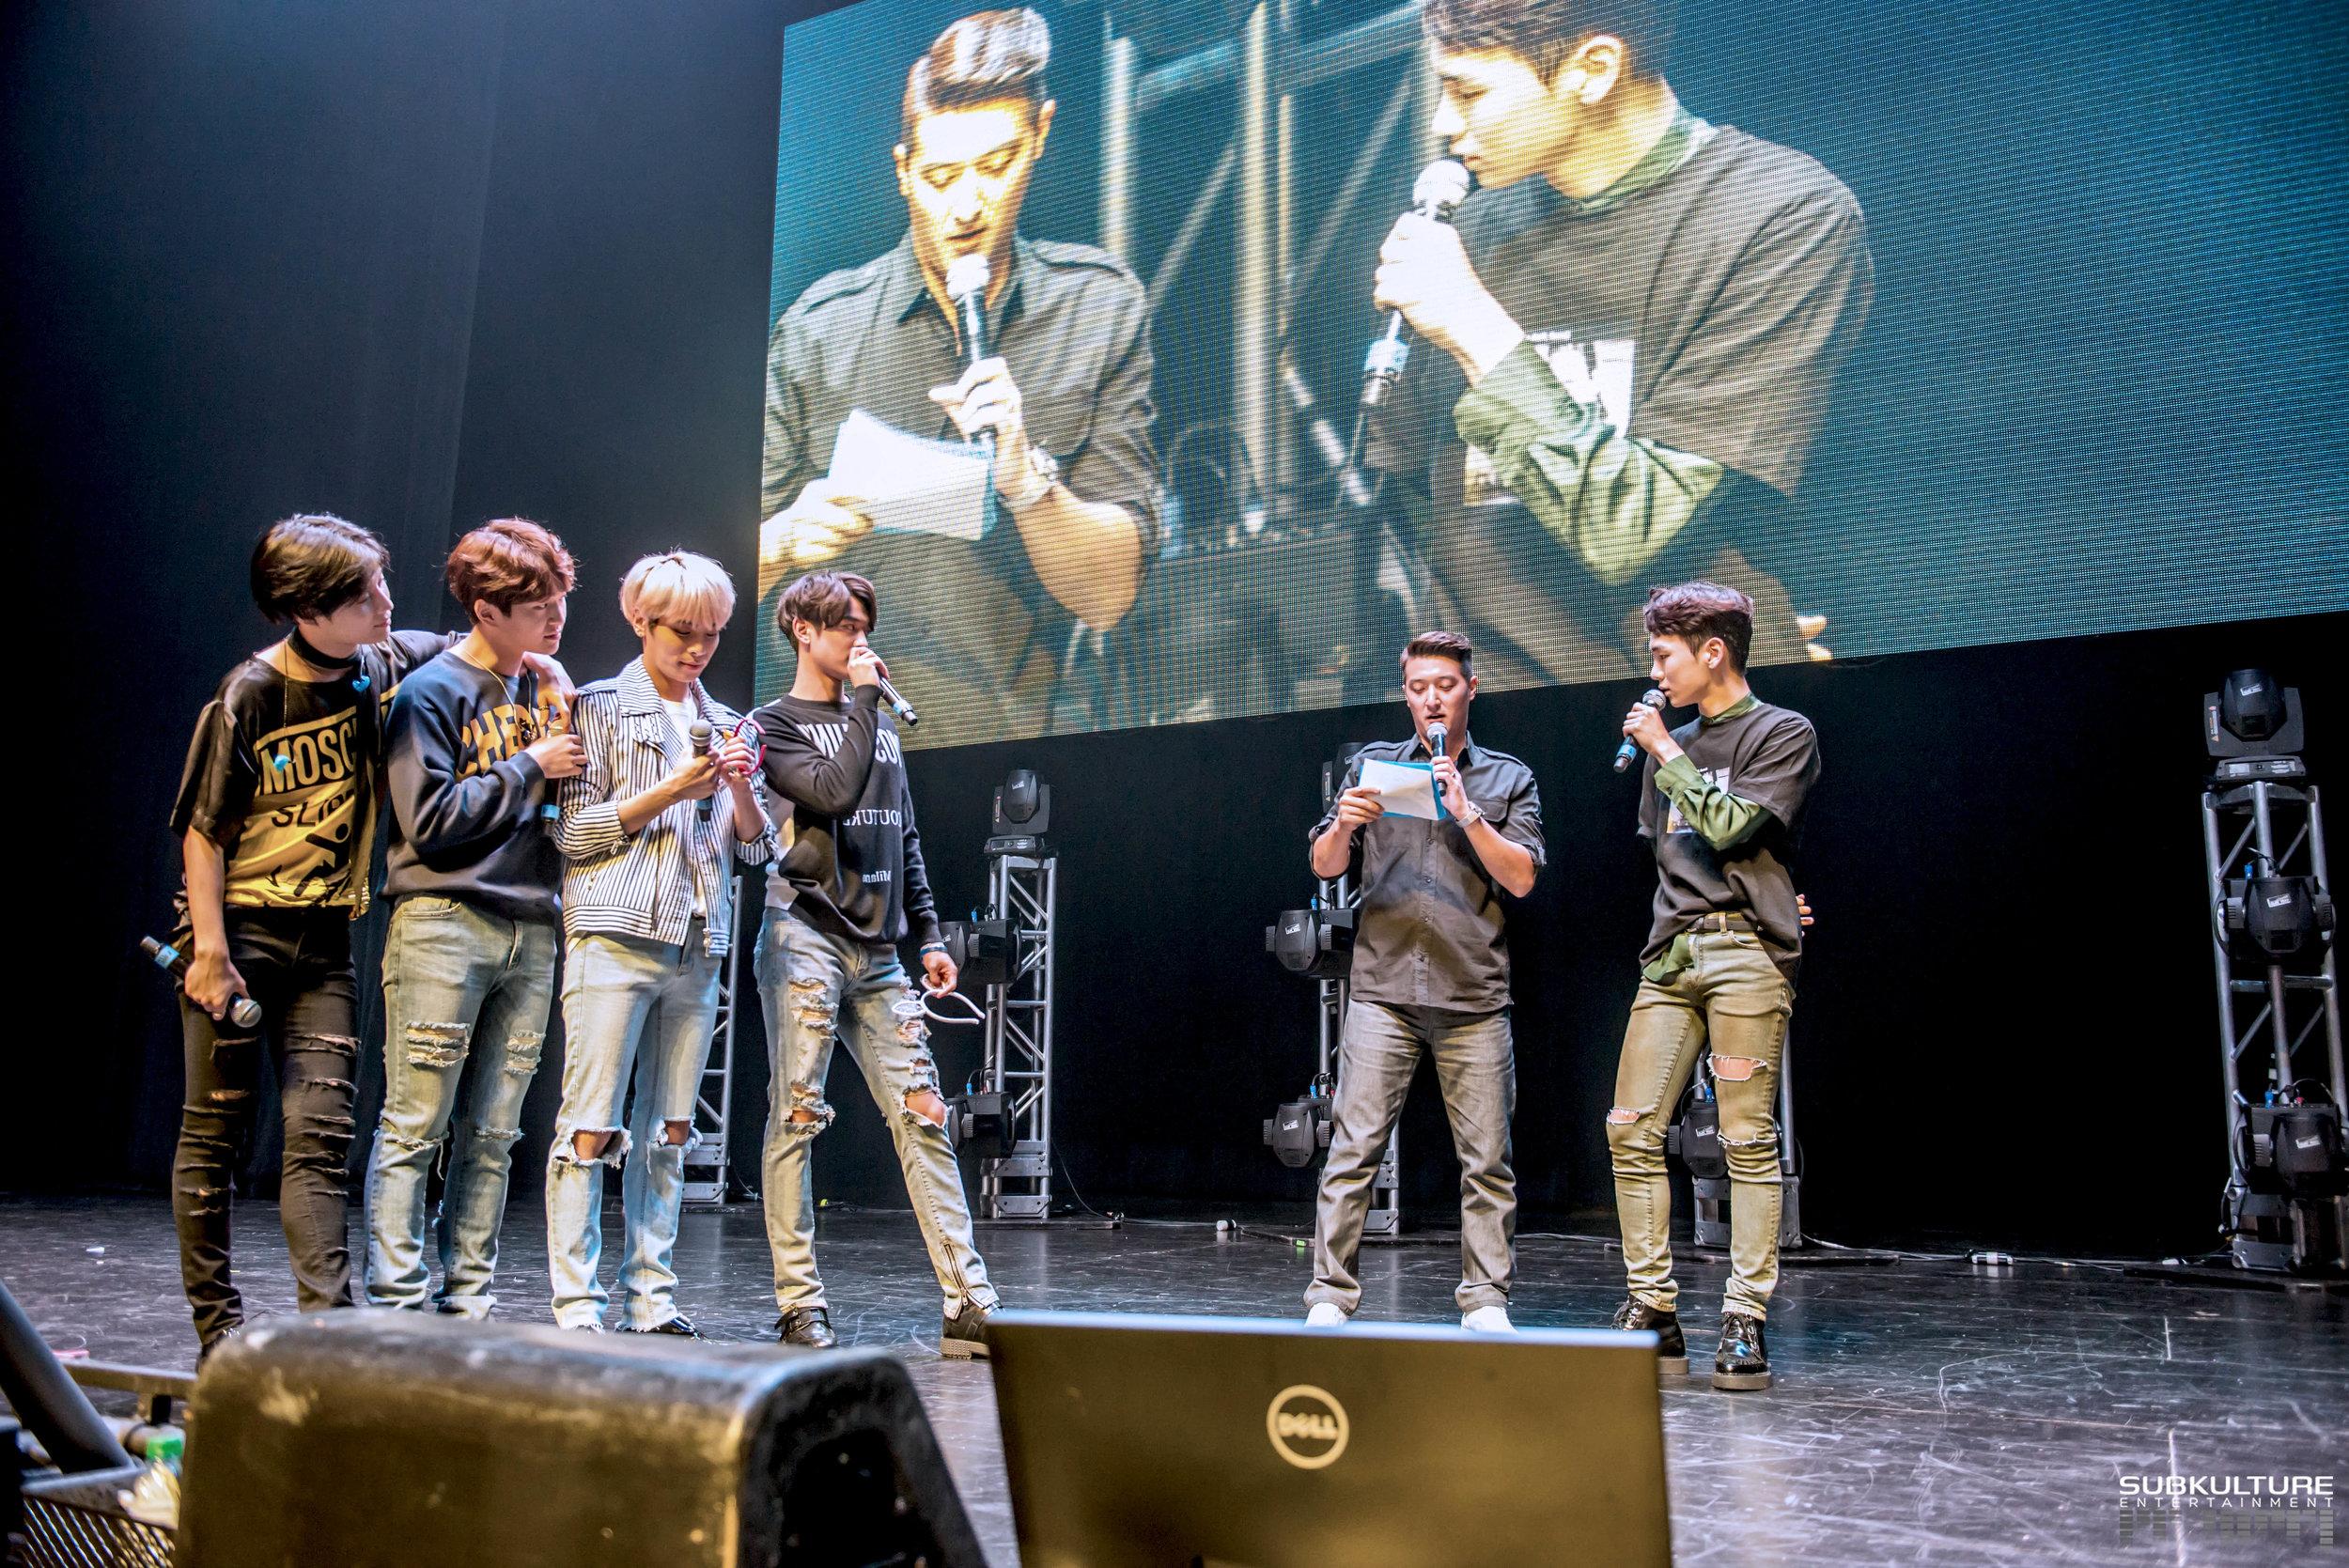 Shinee Fan Meet Dallas 7-31-16-1149.jpg